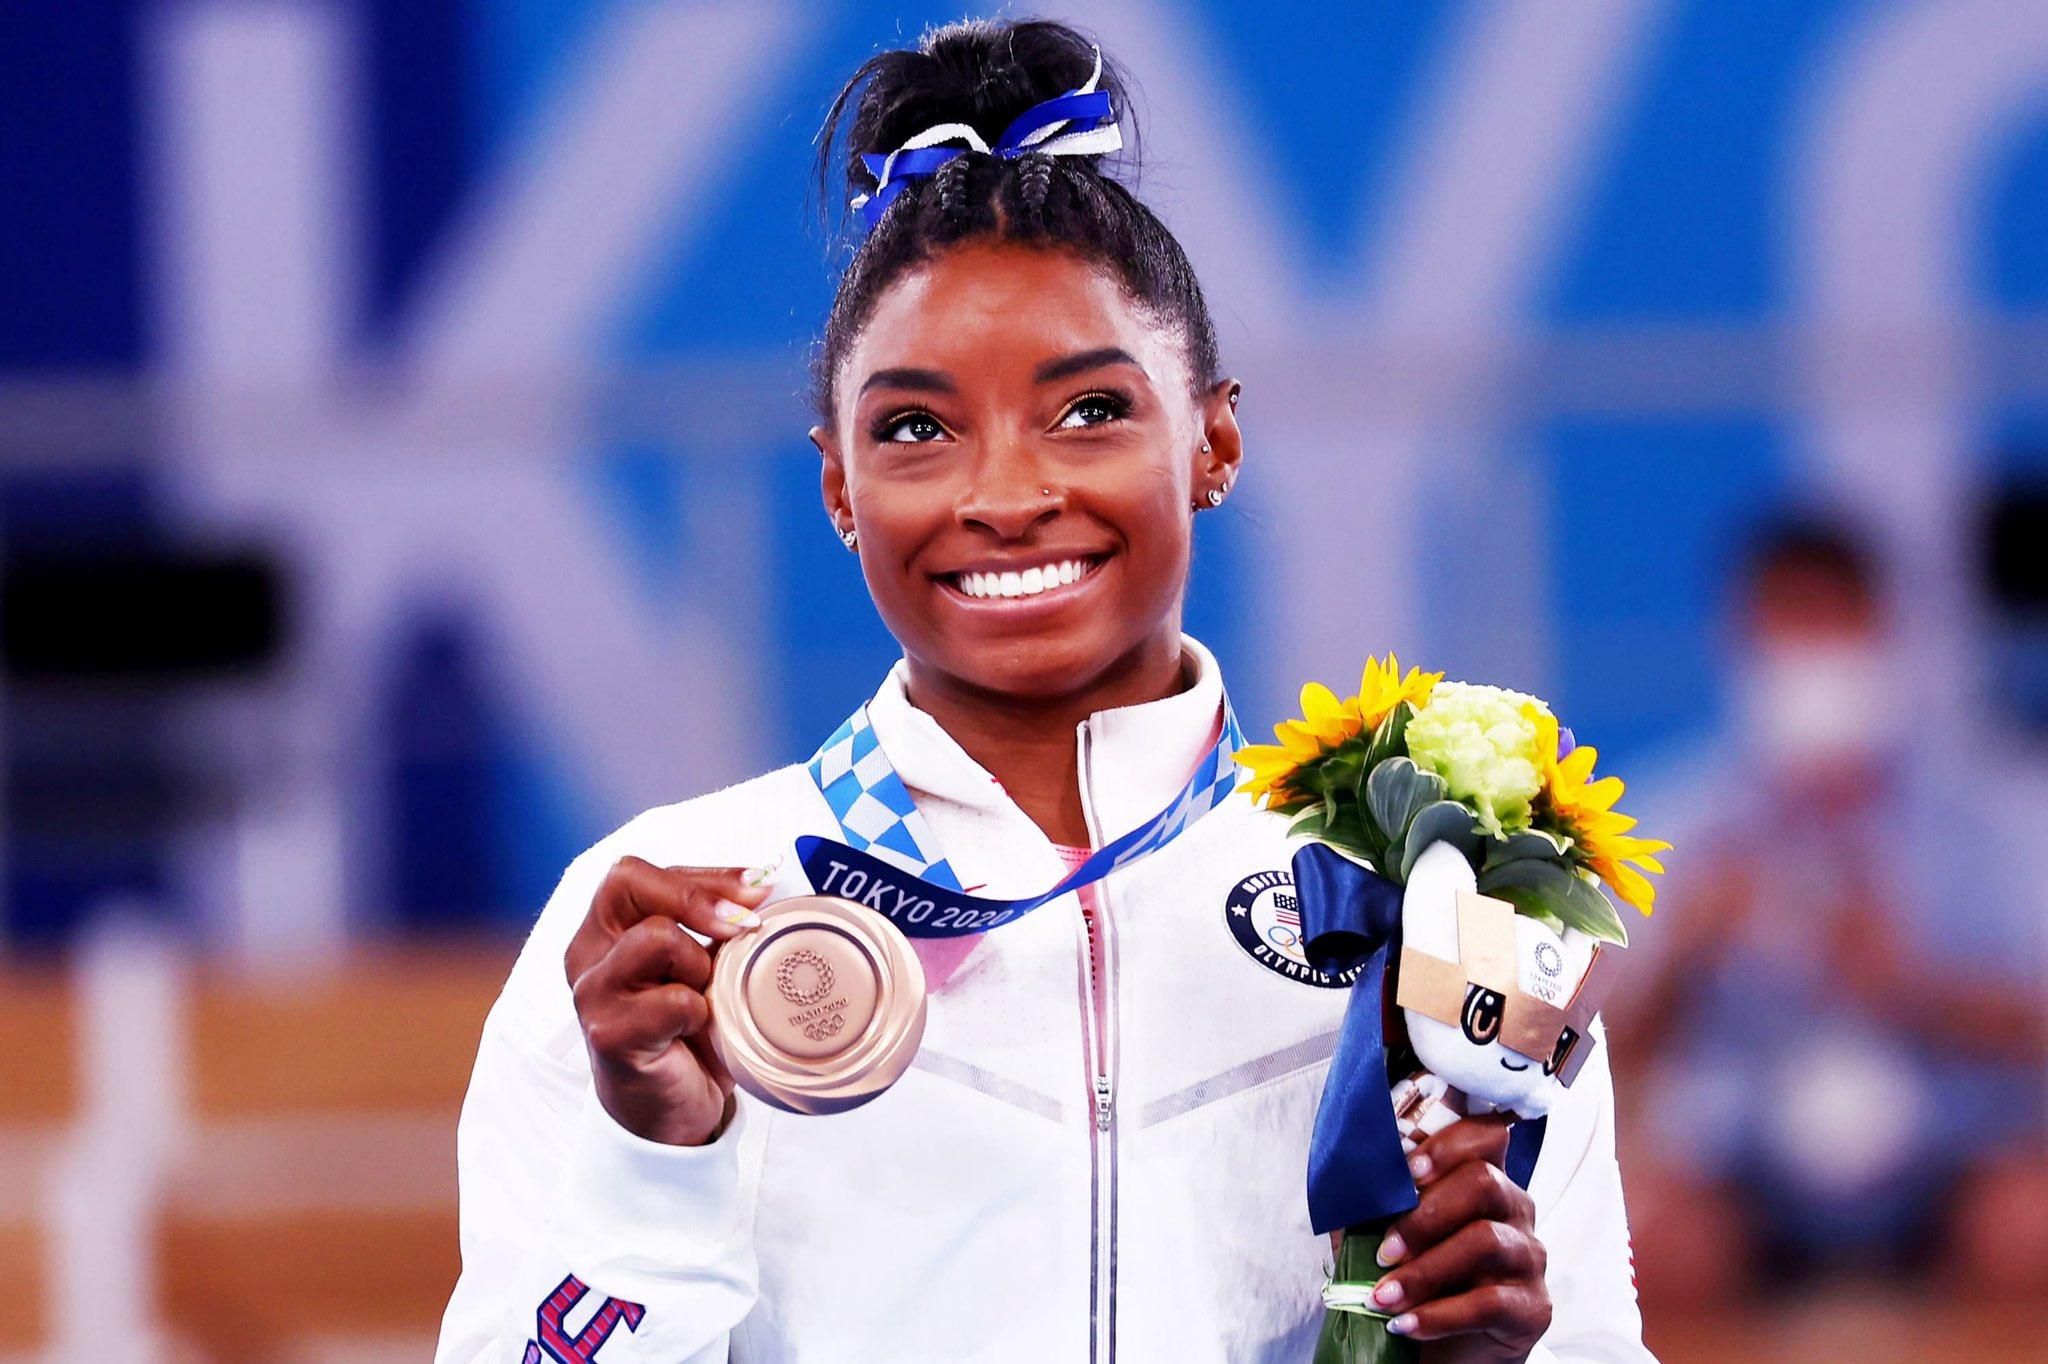 المپیک توکیو / آمریکا / ژیمناستیک